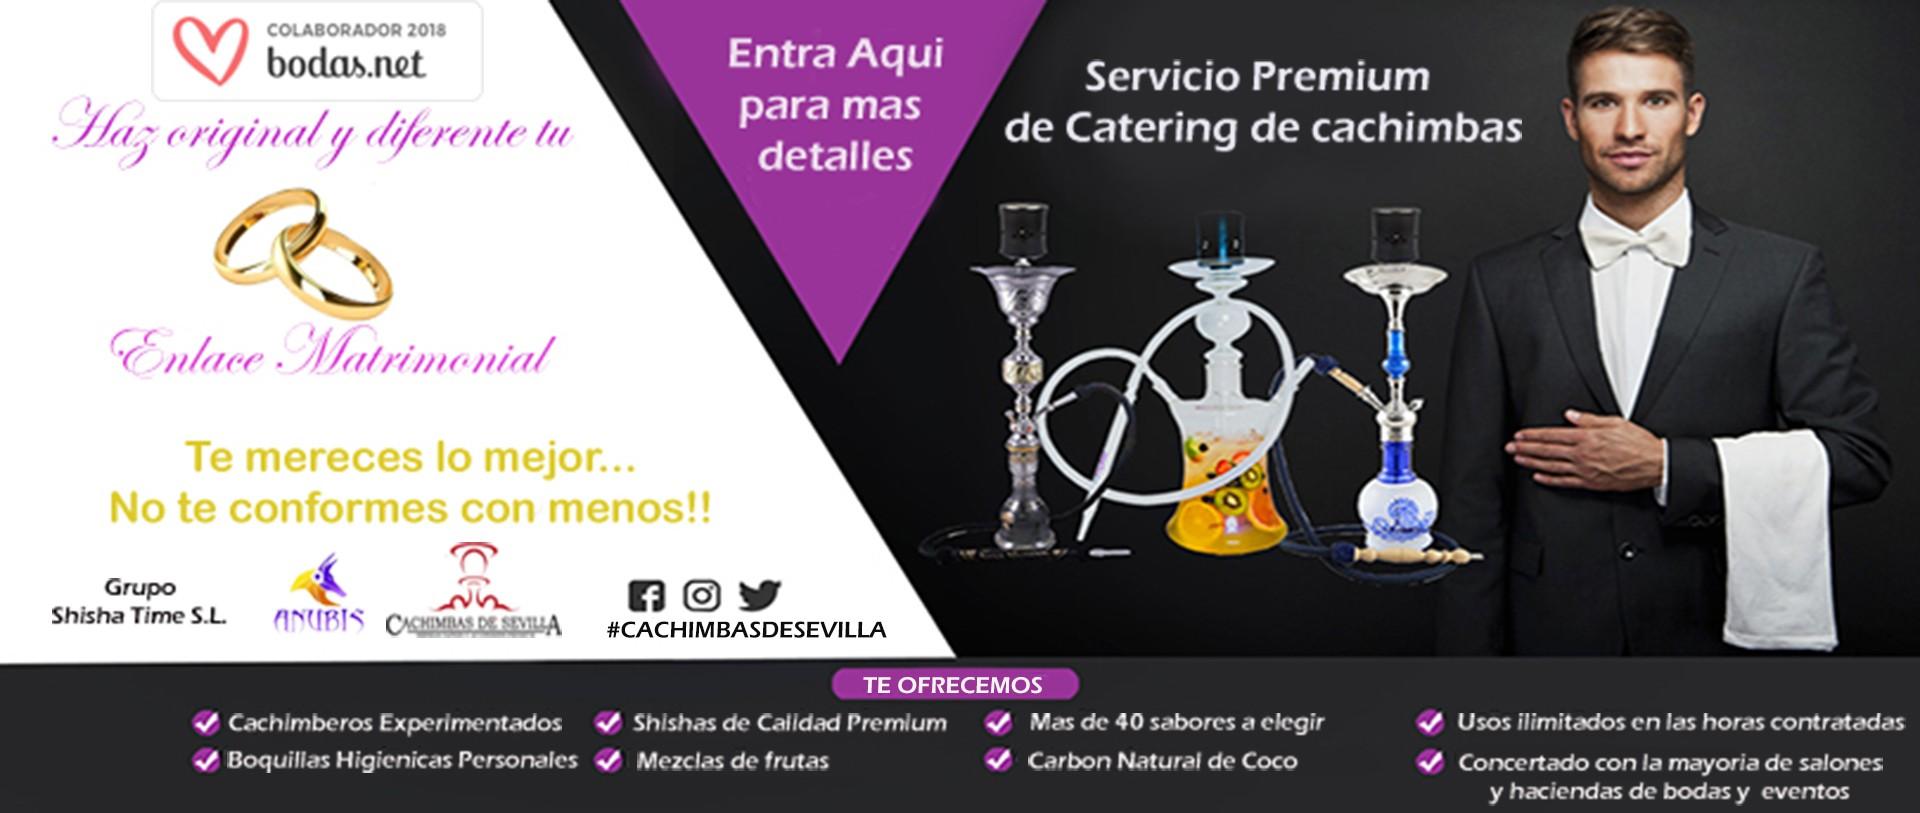 Catering Premium de Cachimbas